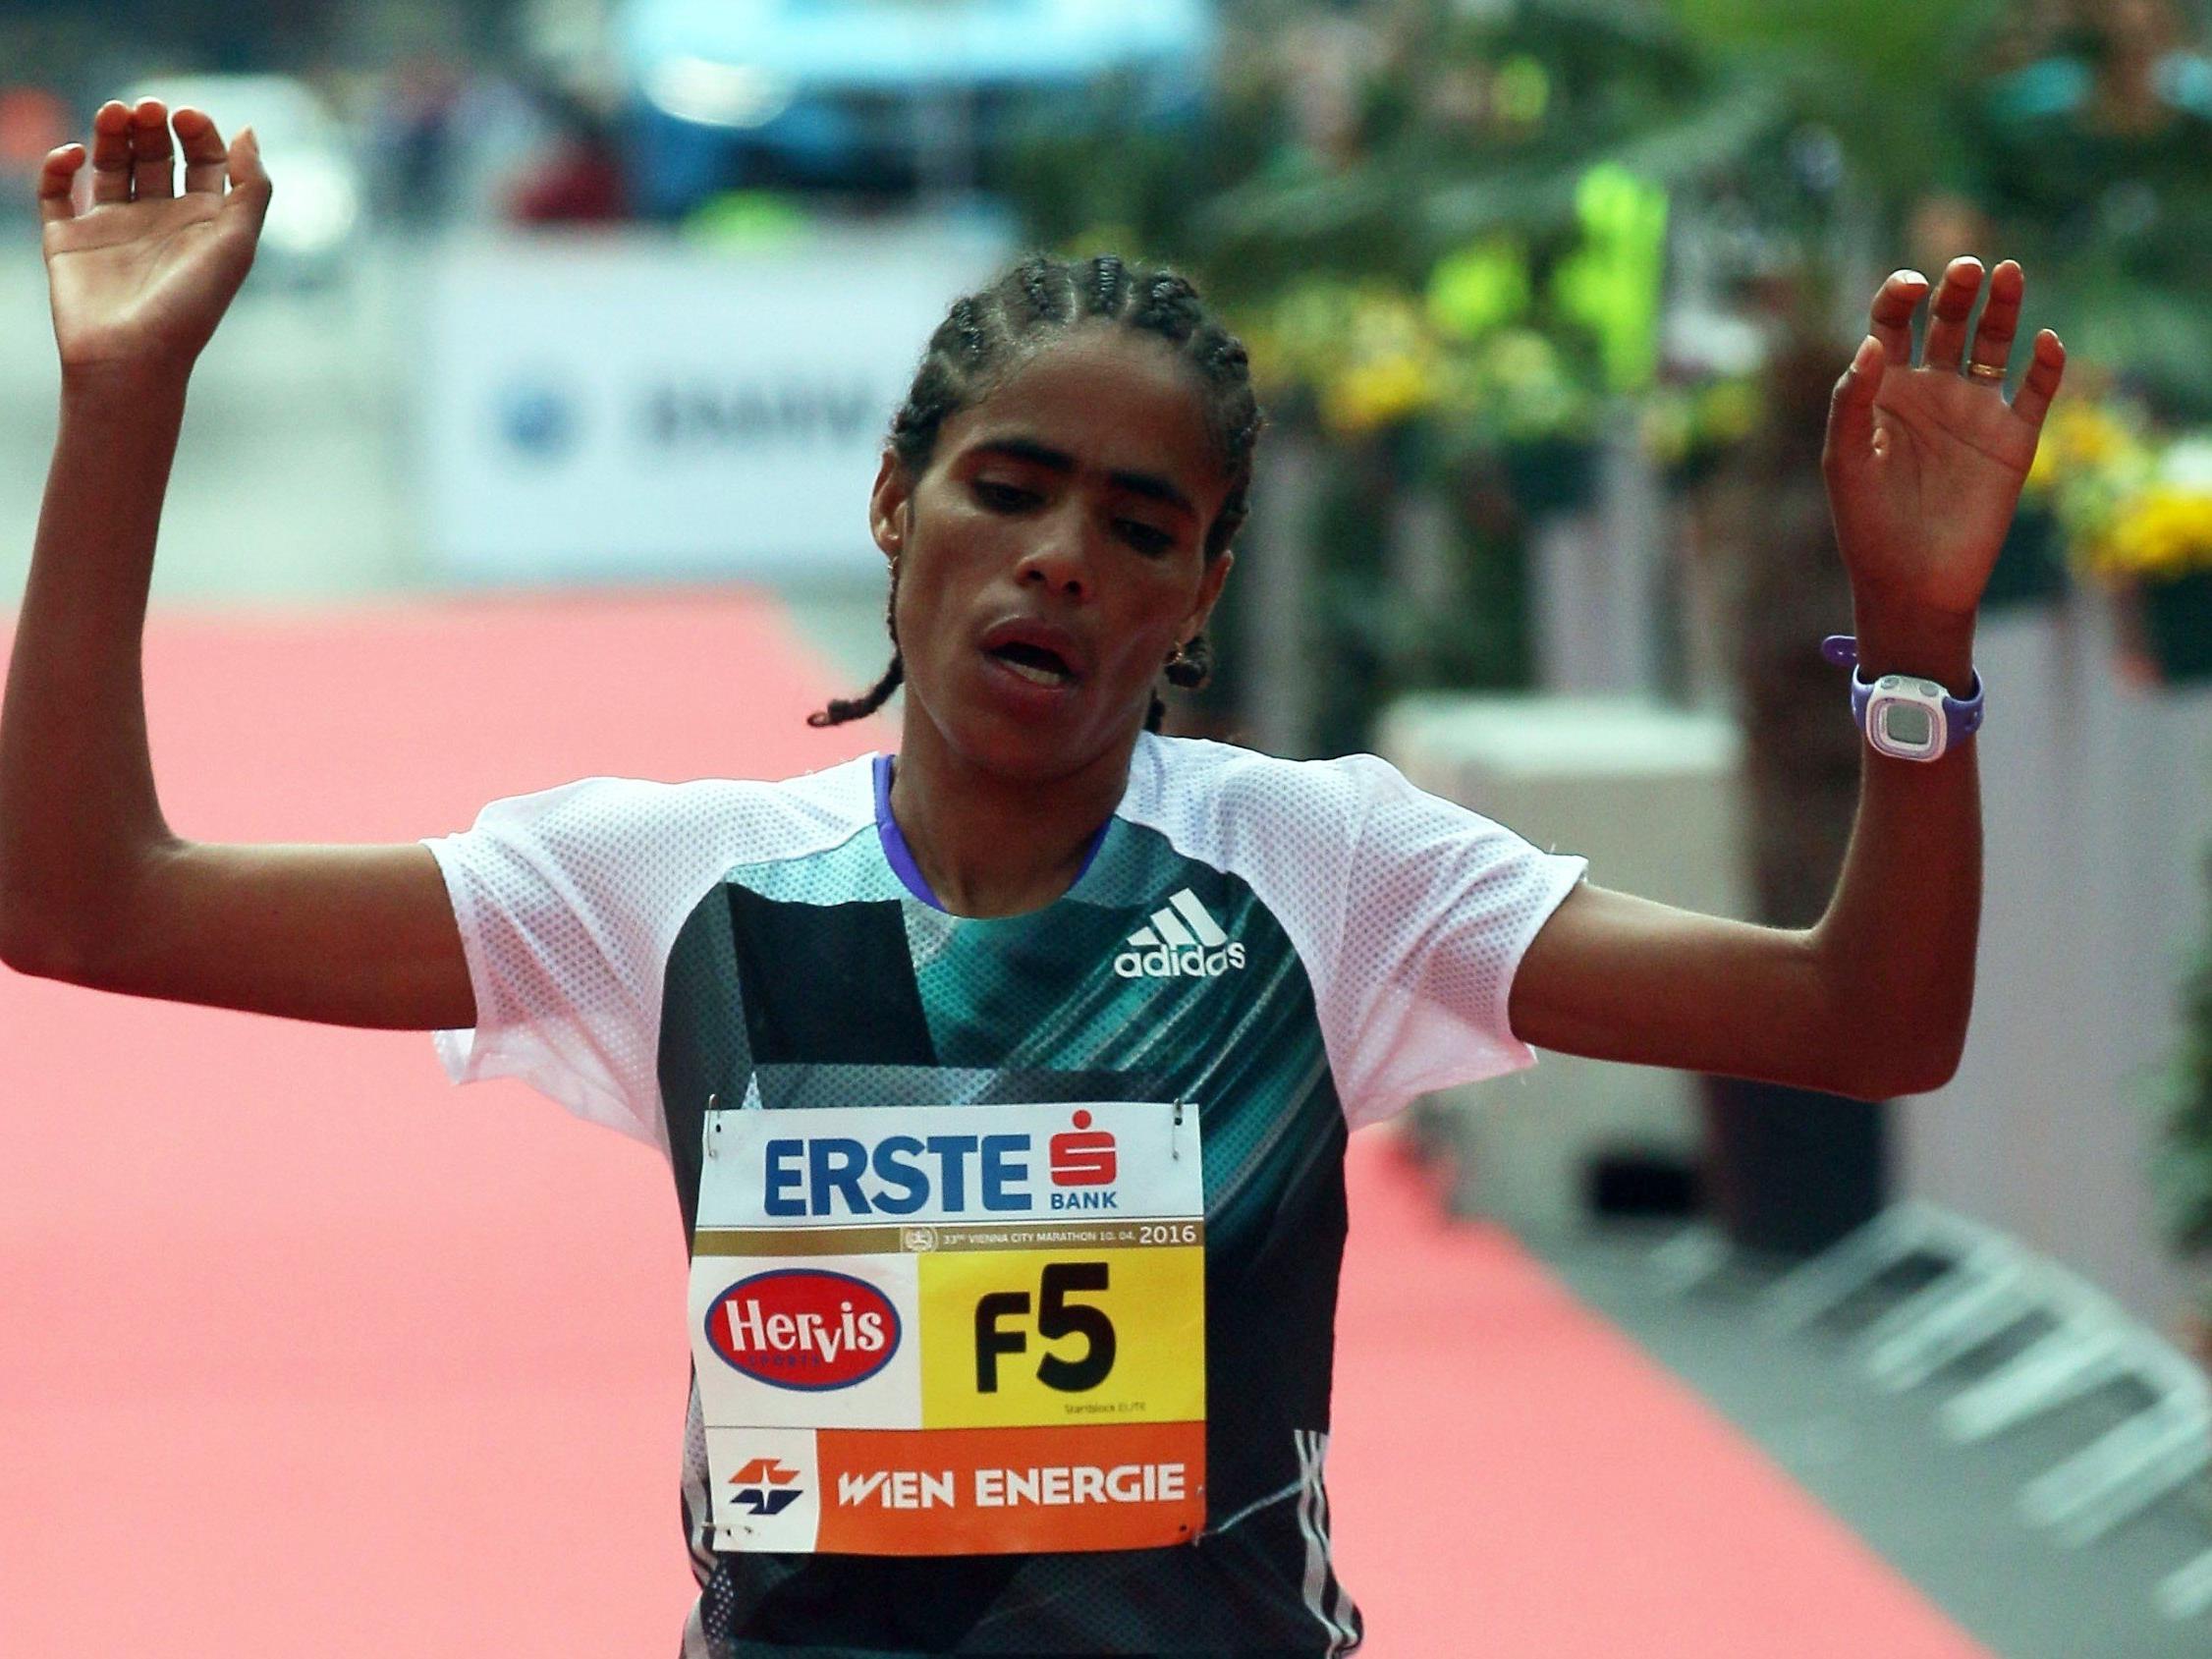 Shuko Genemo gewinnt den Wien-Marathon 2016.